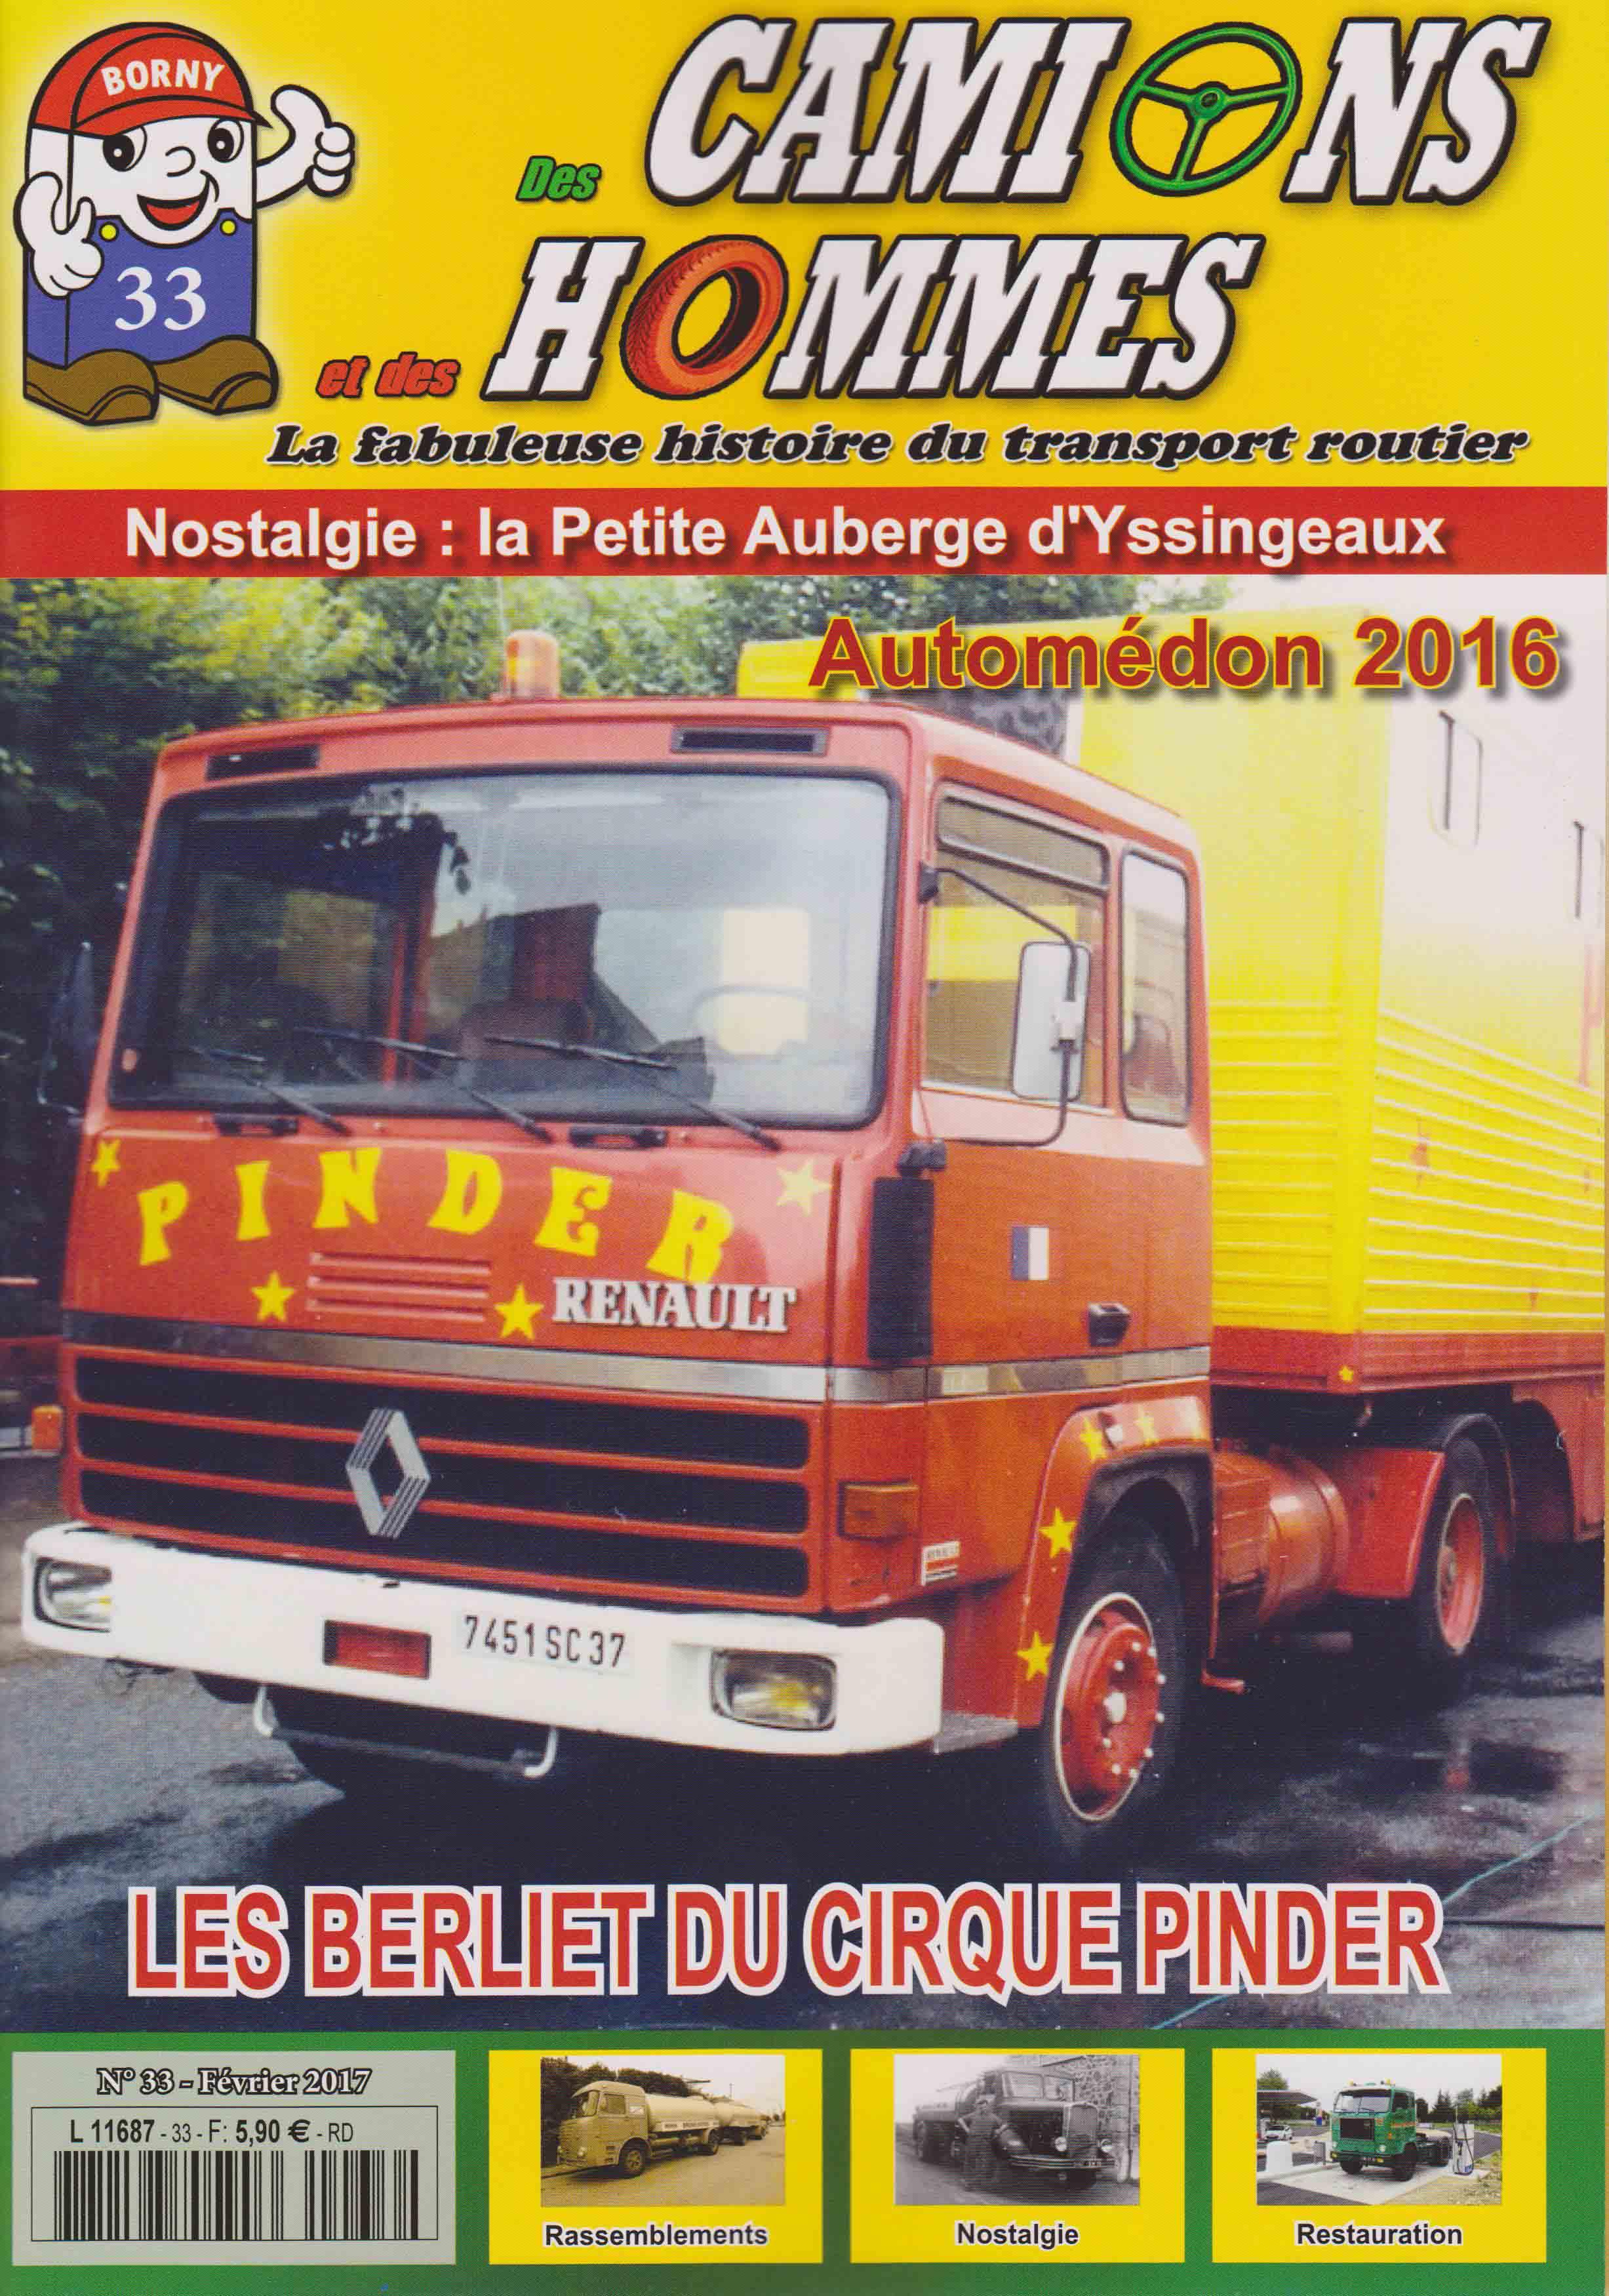 Magazine N°33 Des Camions et des Hommes (Etranger)